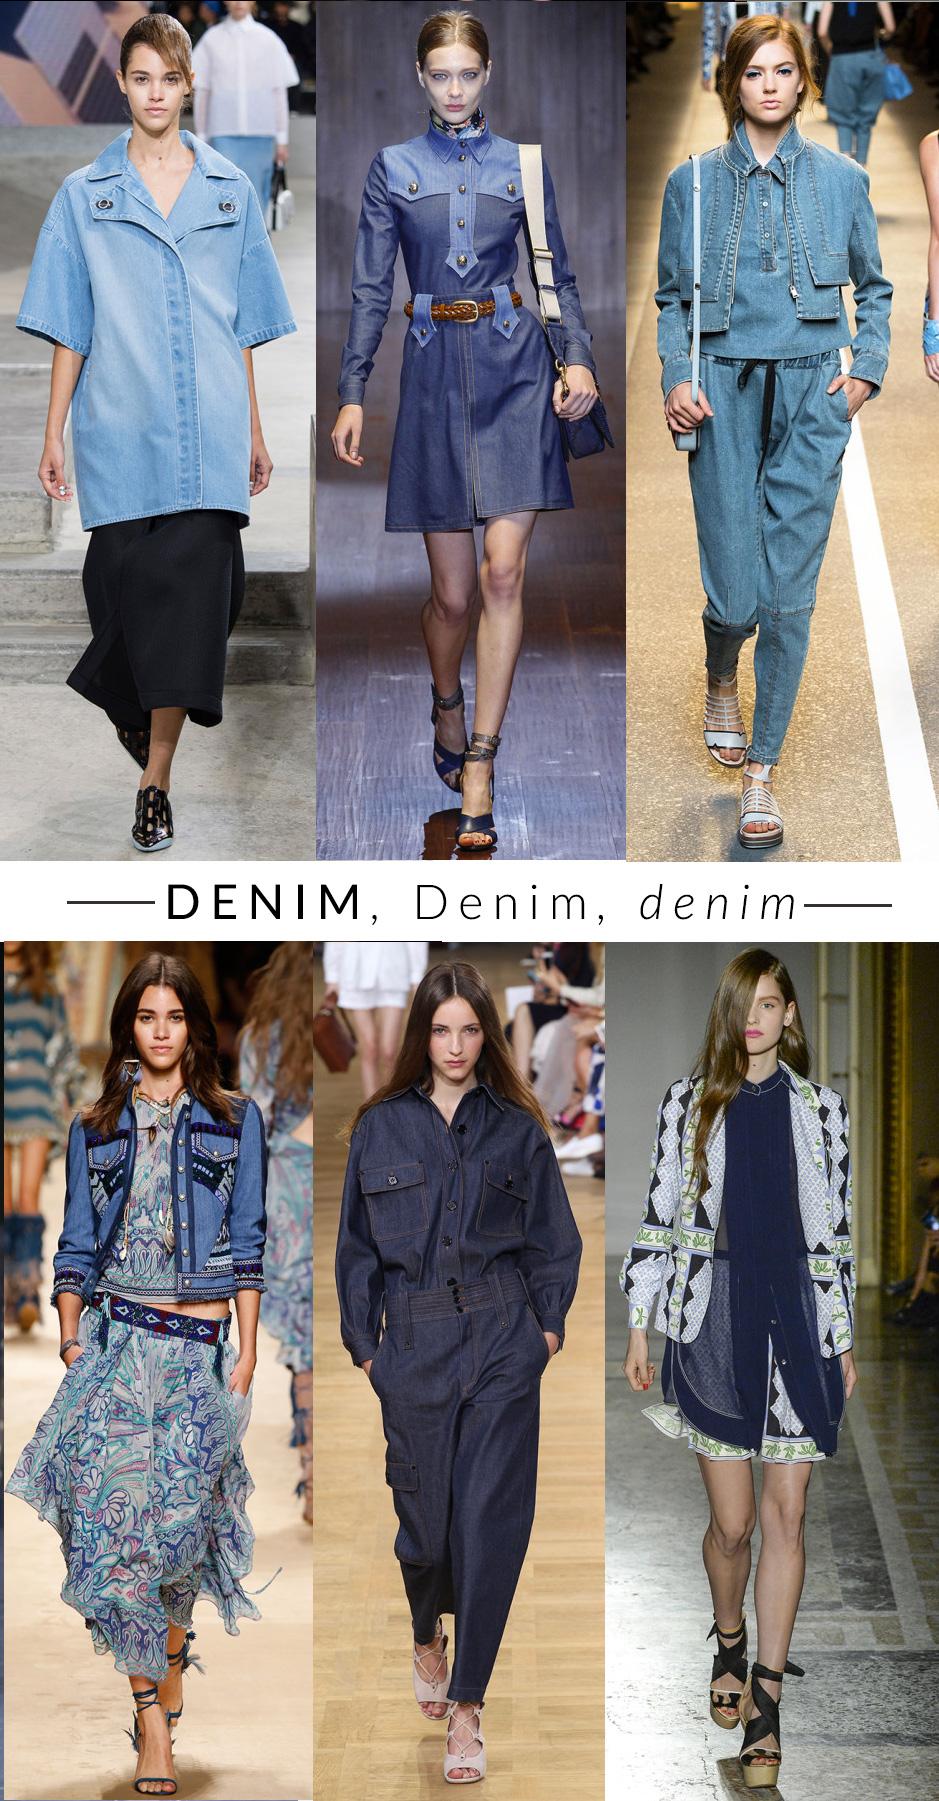 denim trend moda primavera estate 2015 fashion blogger elena schiavon